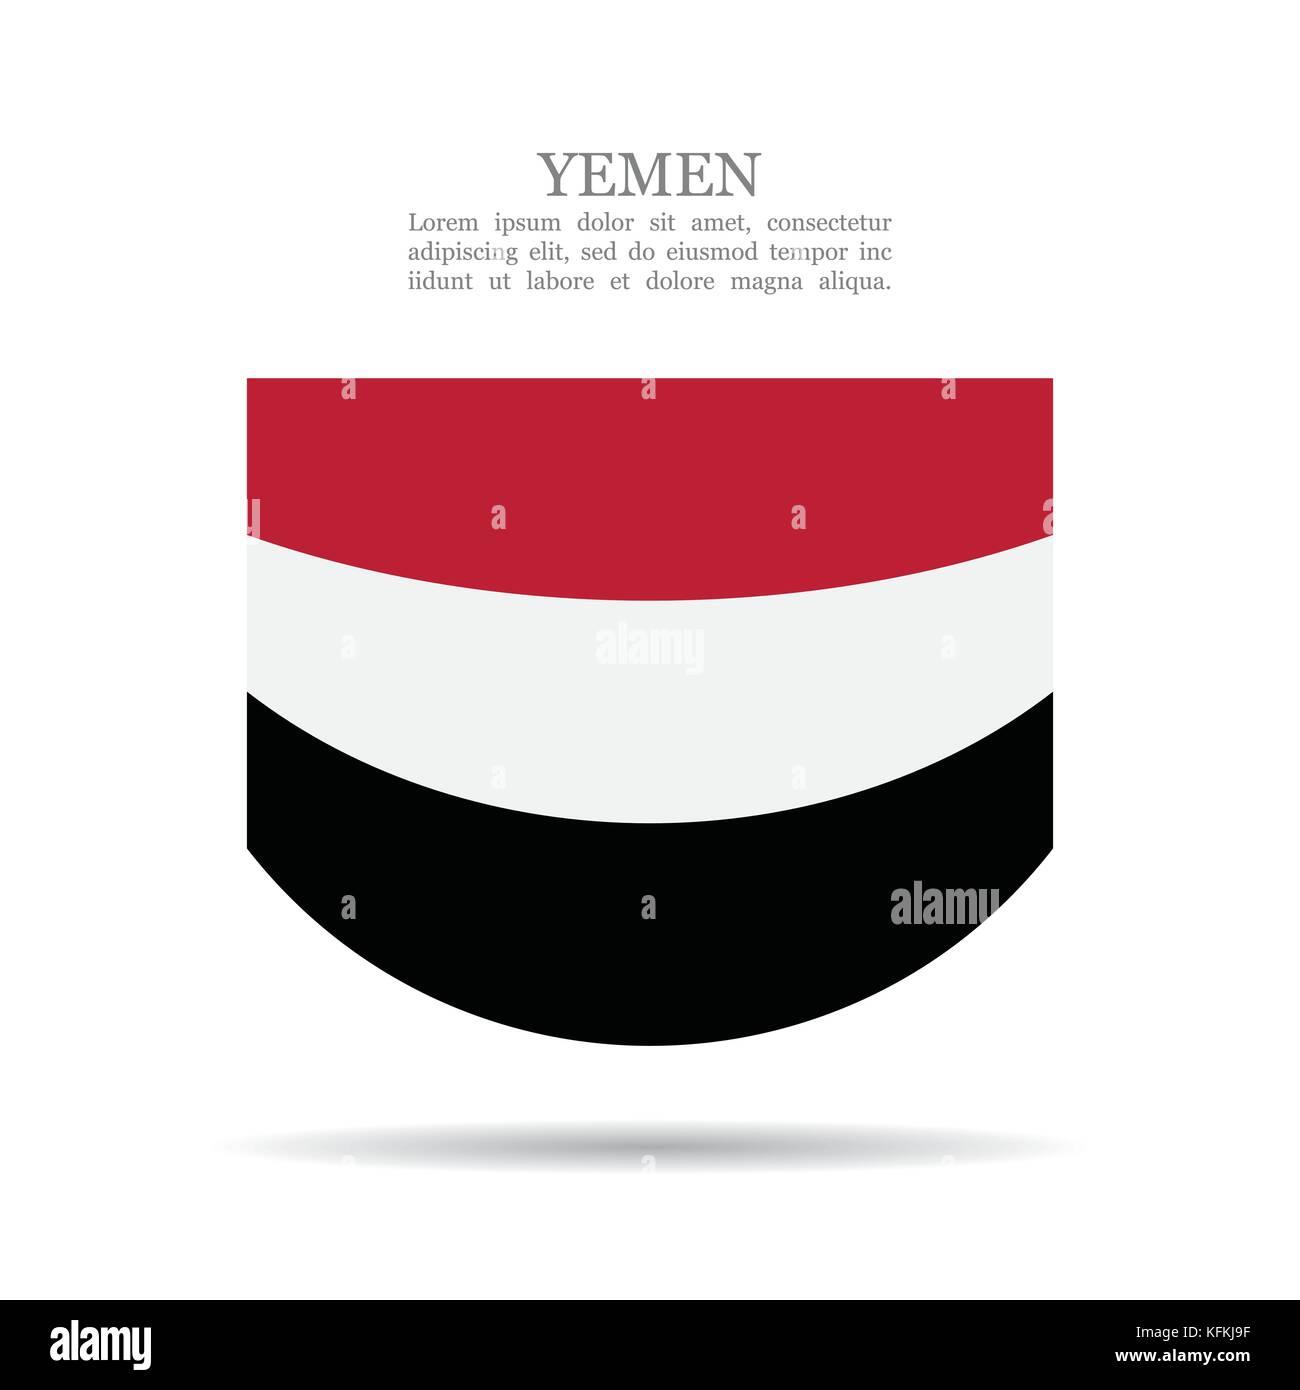 Yemen national flag vector icon - Stock Image